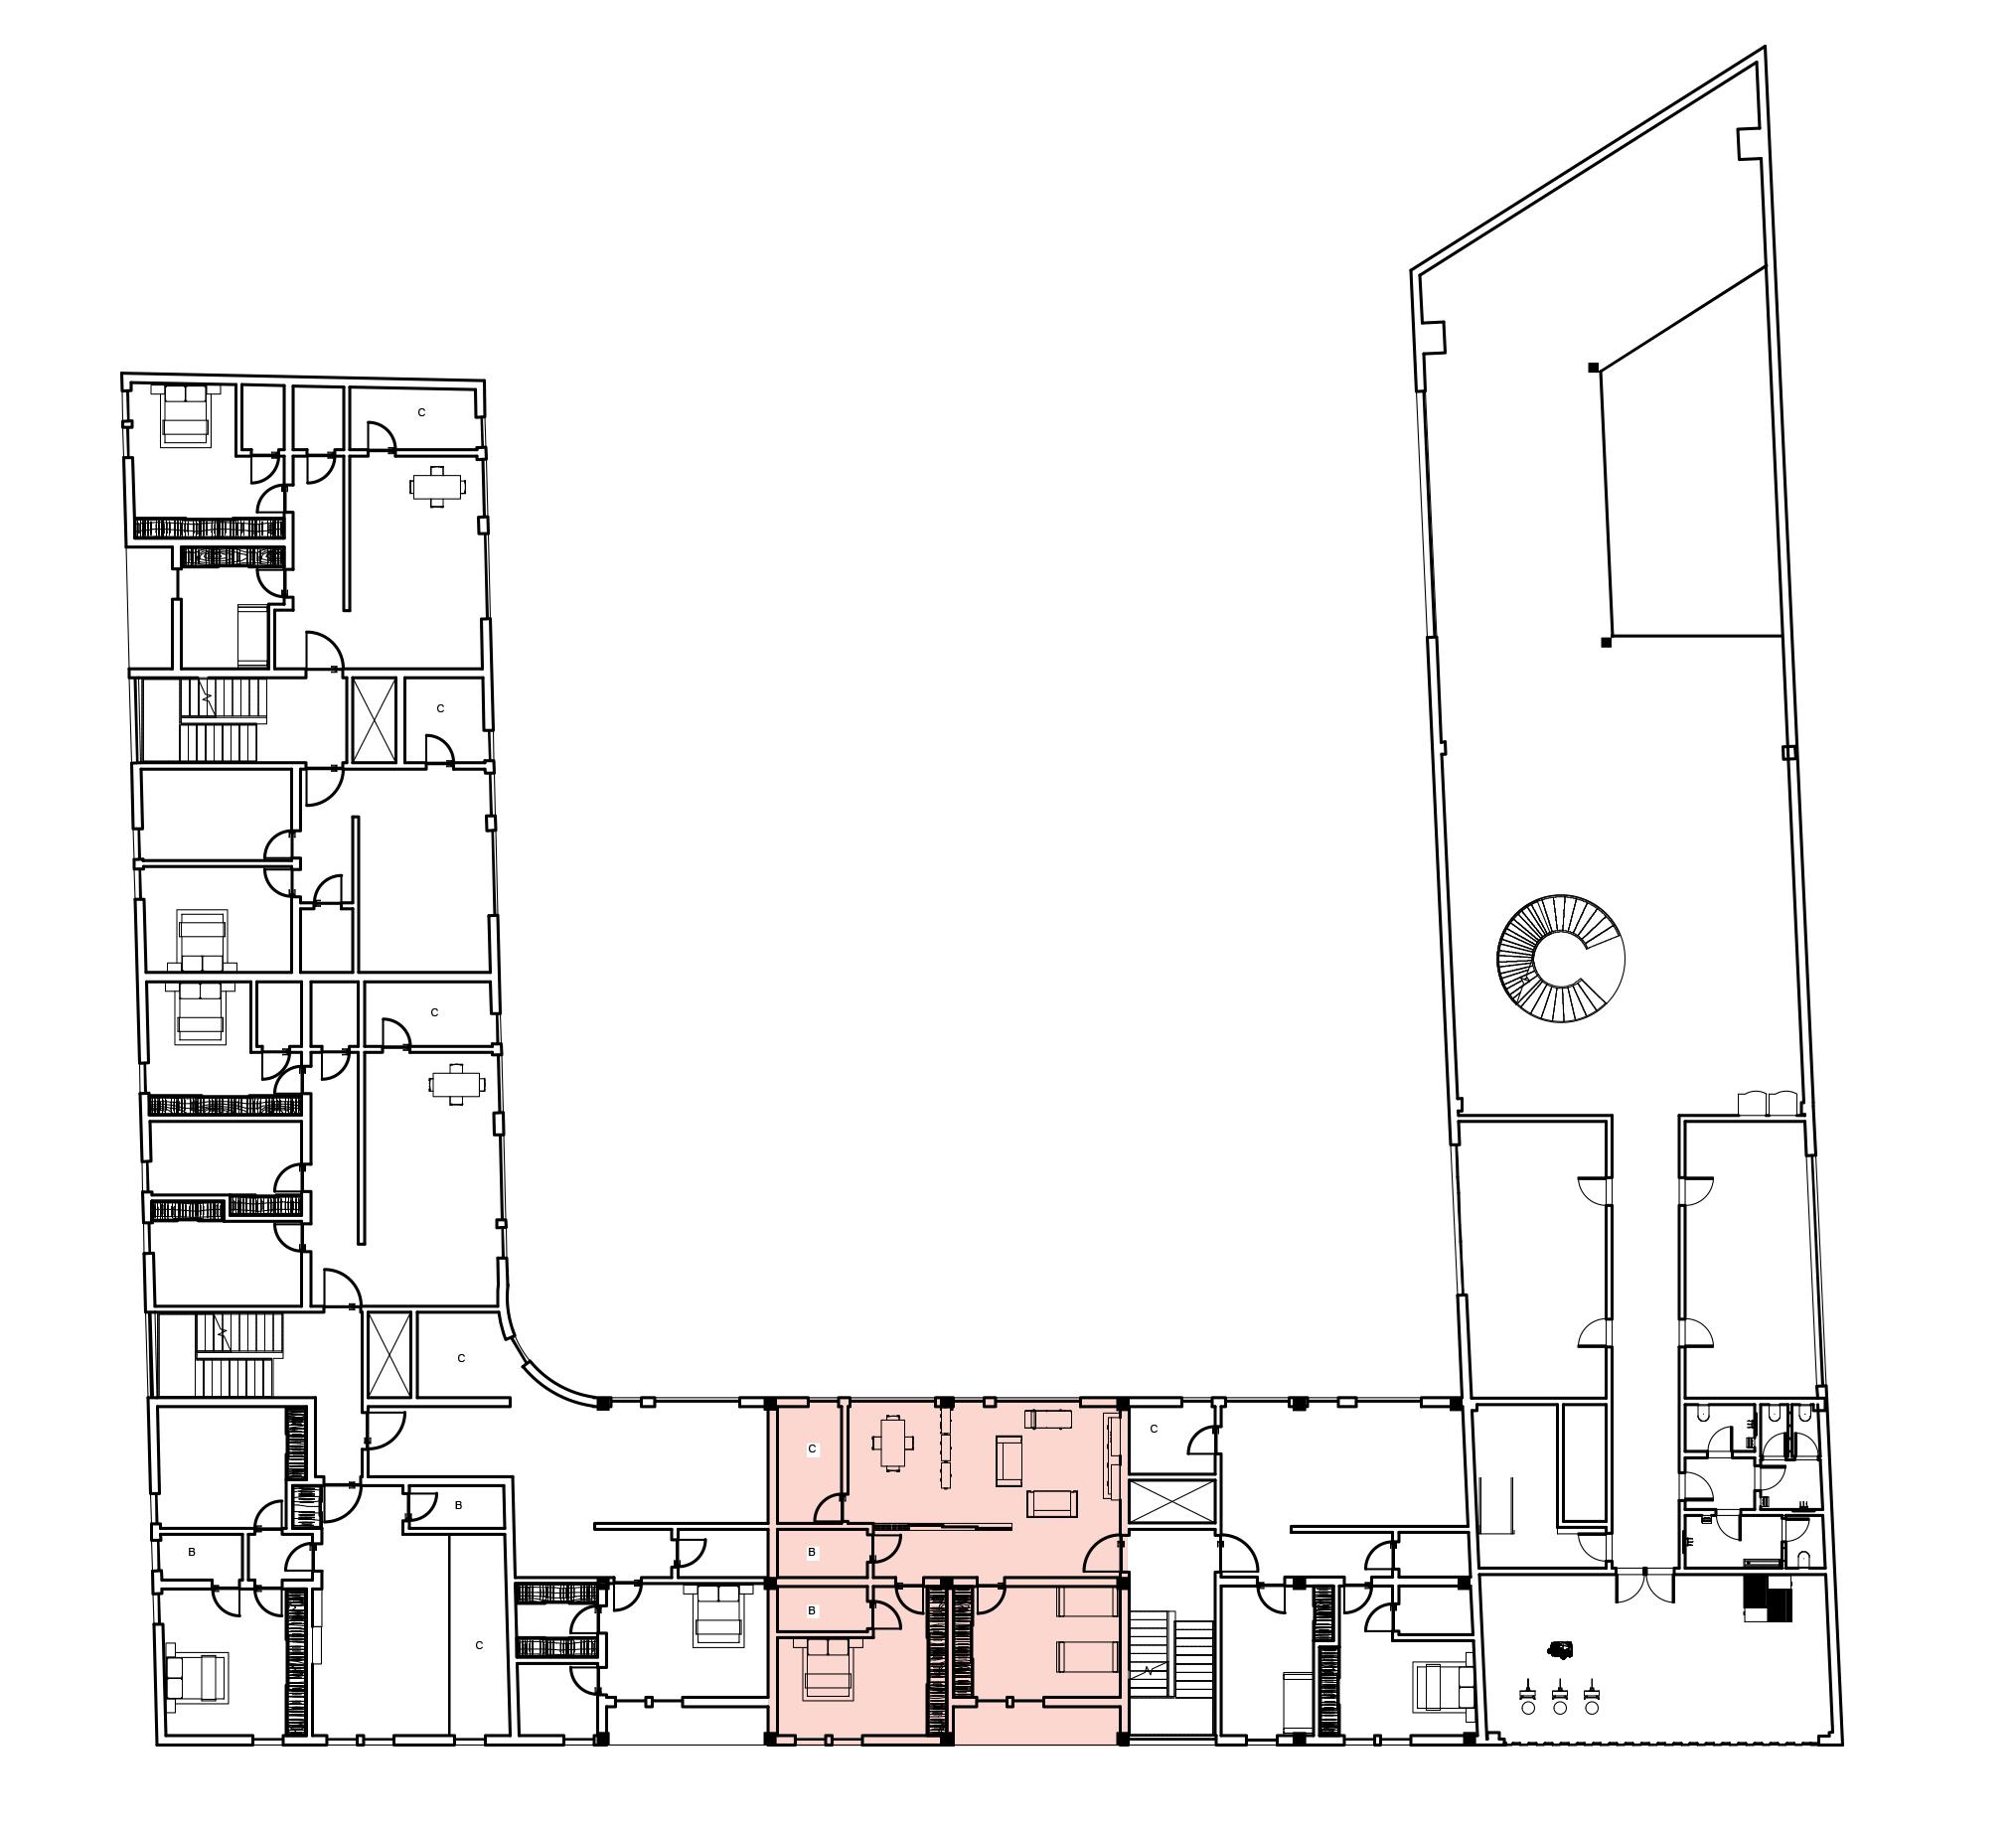 Progetto di metin habibi laboratorio di progettazione 1b for Esempio di pianta del piano casa